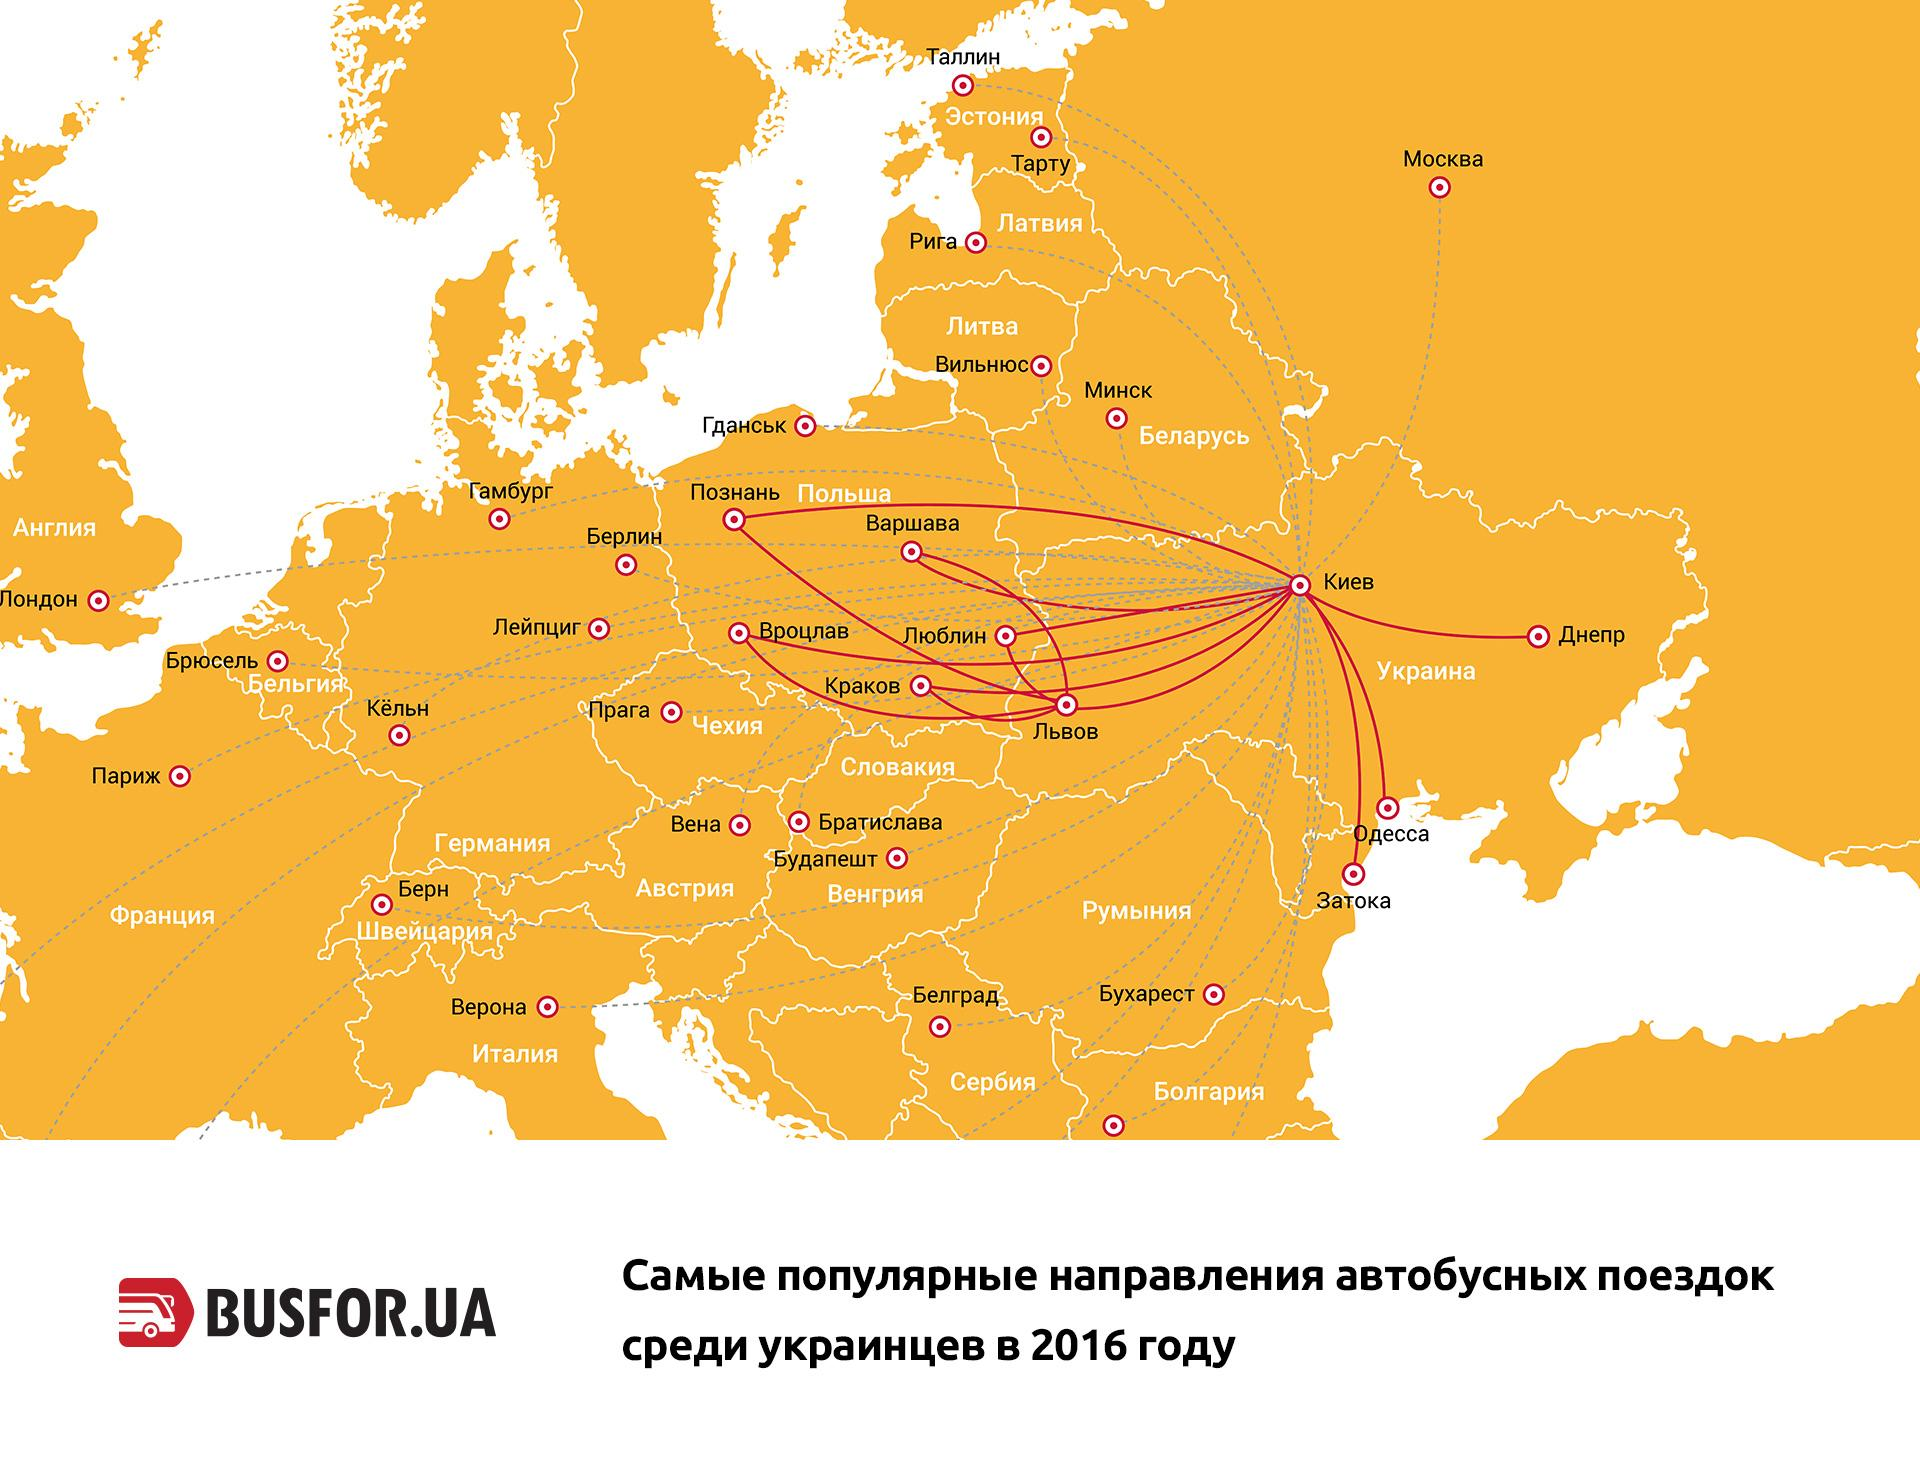 Сервис Busfor показал, куда украинцы ездят чаще всего